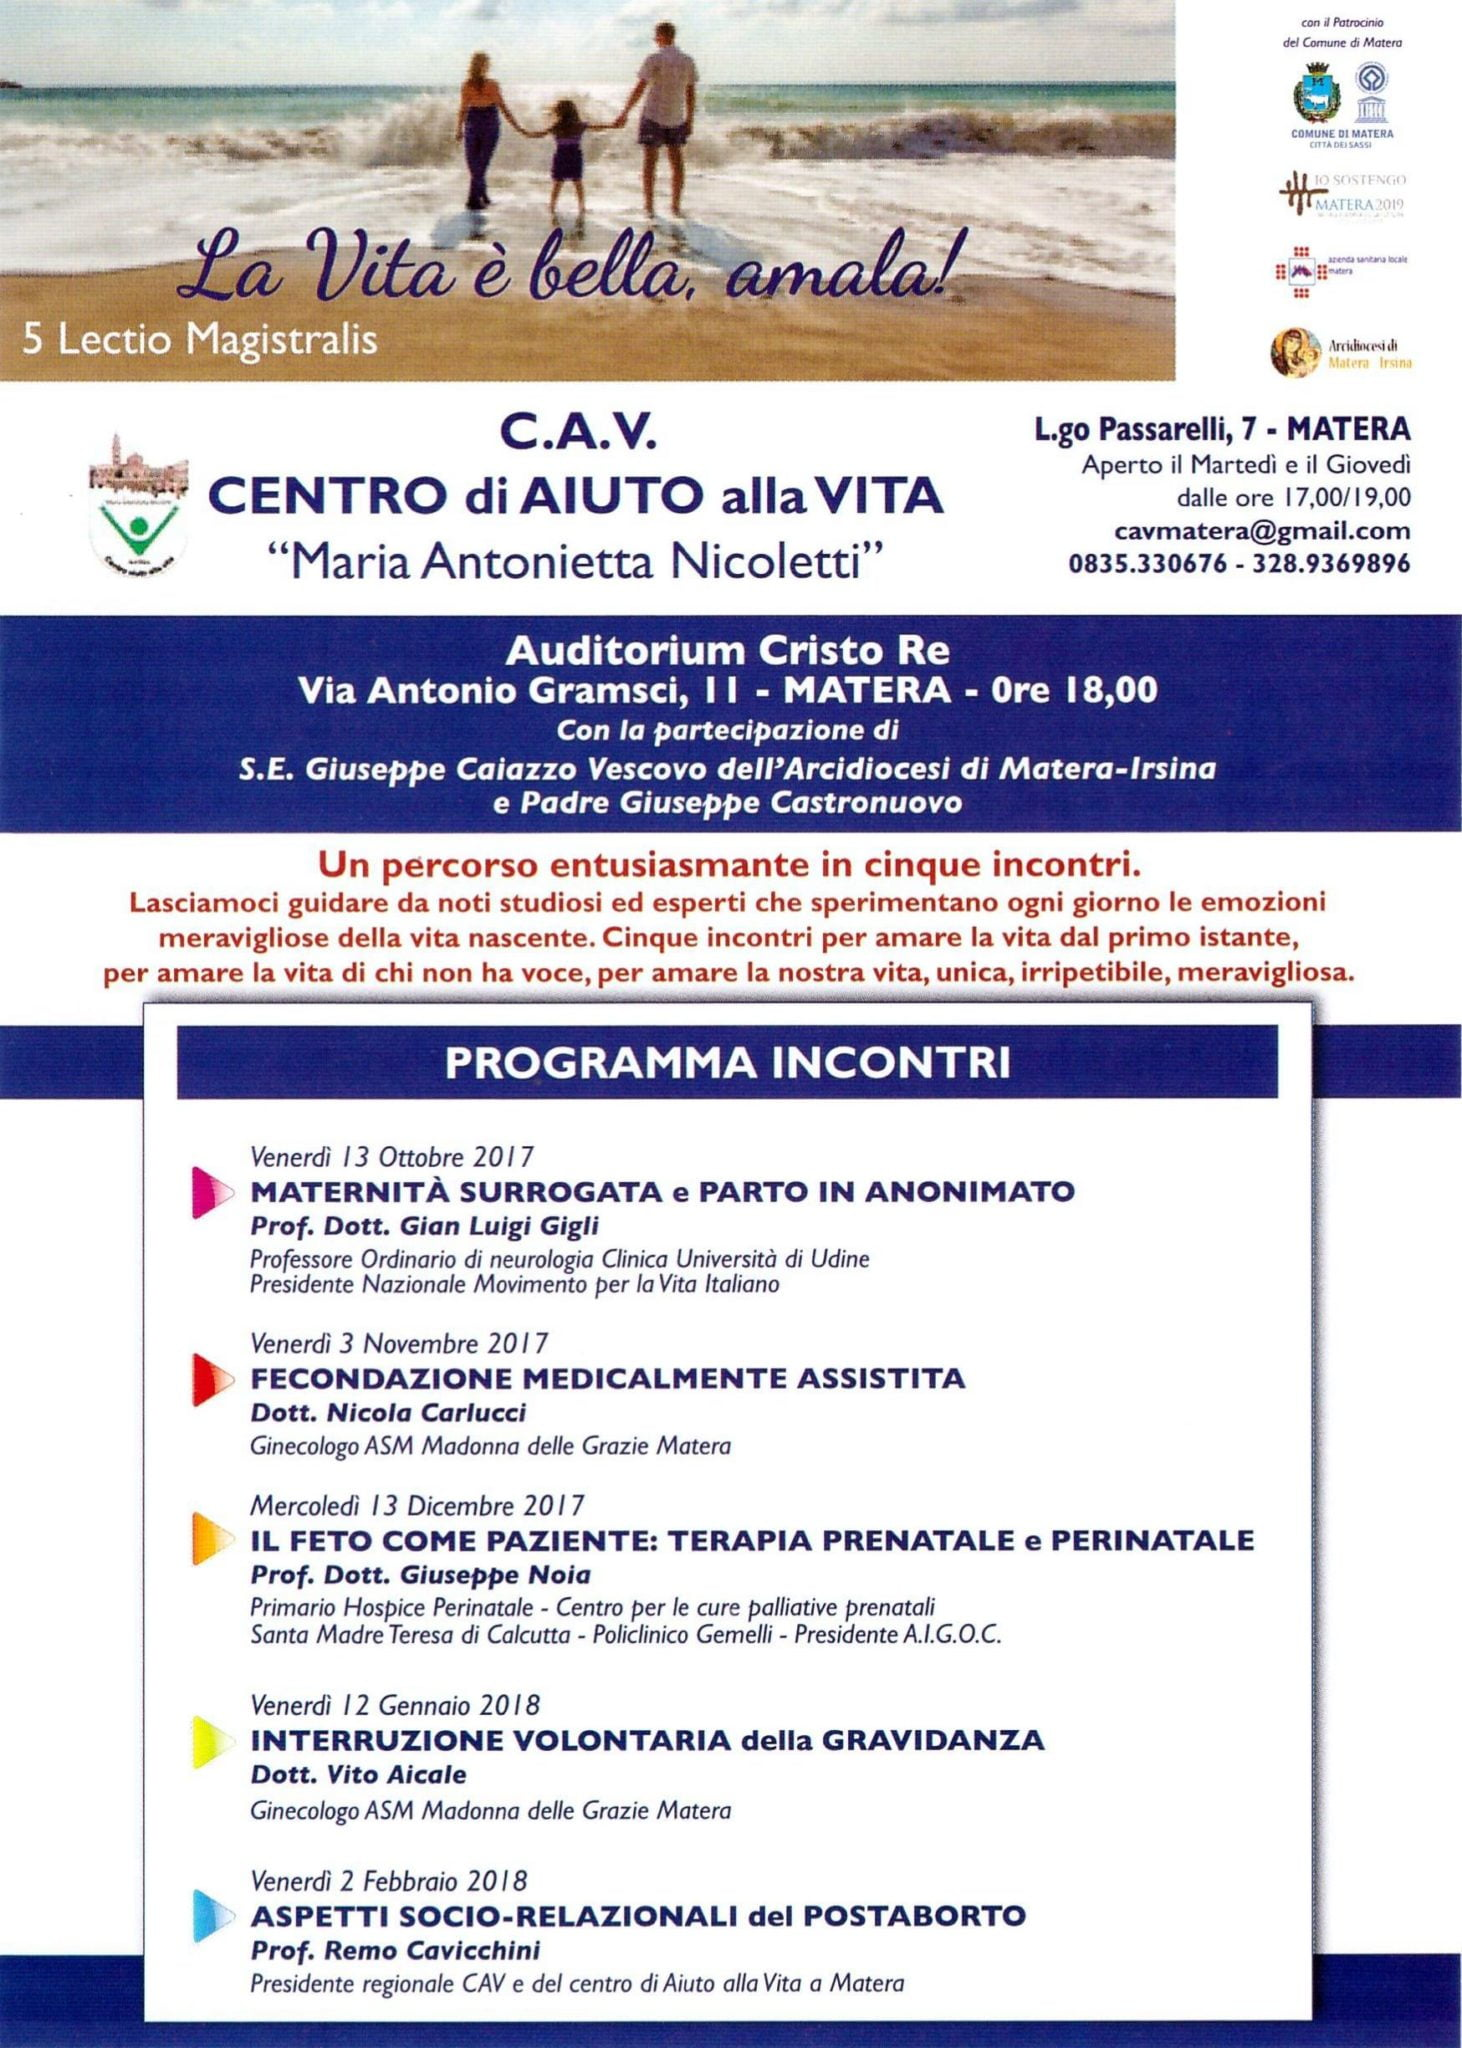 RADIO GROANE INTERSUOND Fm 96.7 nasce nel 1977 a Limbiate (Milano) con RADIO INCONTRI: emittente cattolica diocesana nata RADIO CITTA IN MUSICA (R.C.M.) emittente di Ciriè nacque nel 1995 dalle ceneri della.